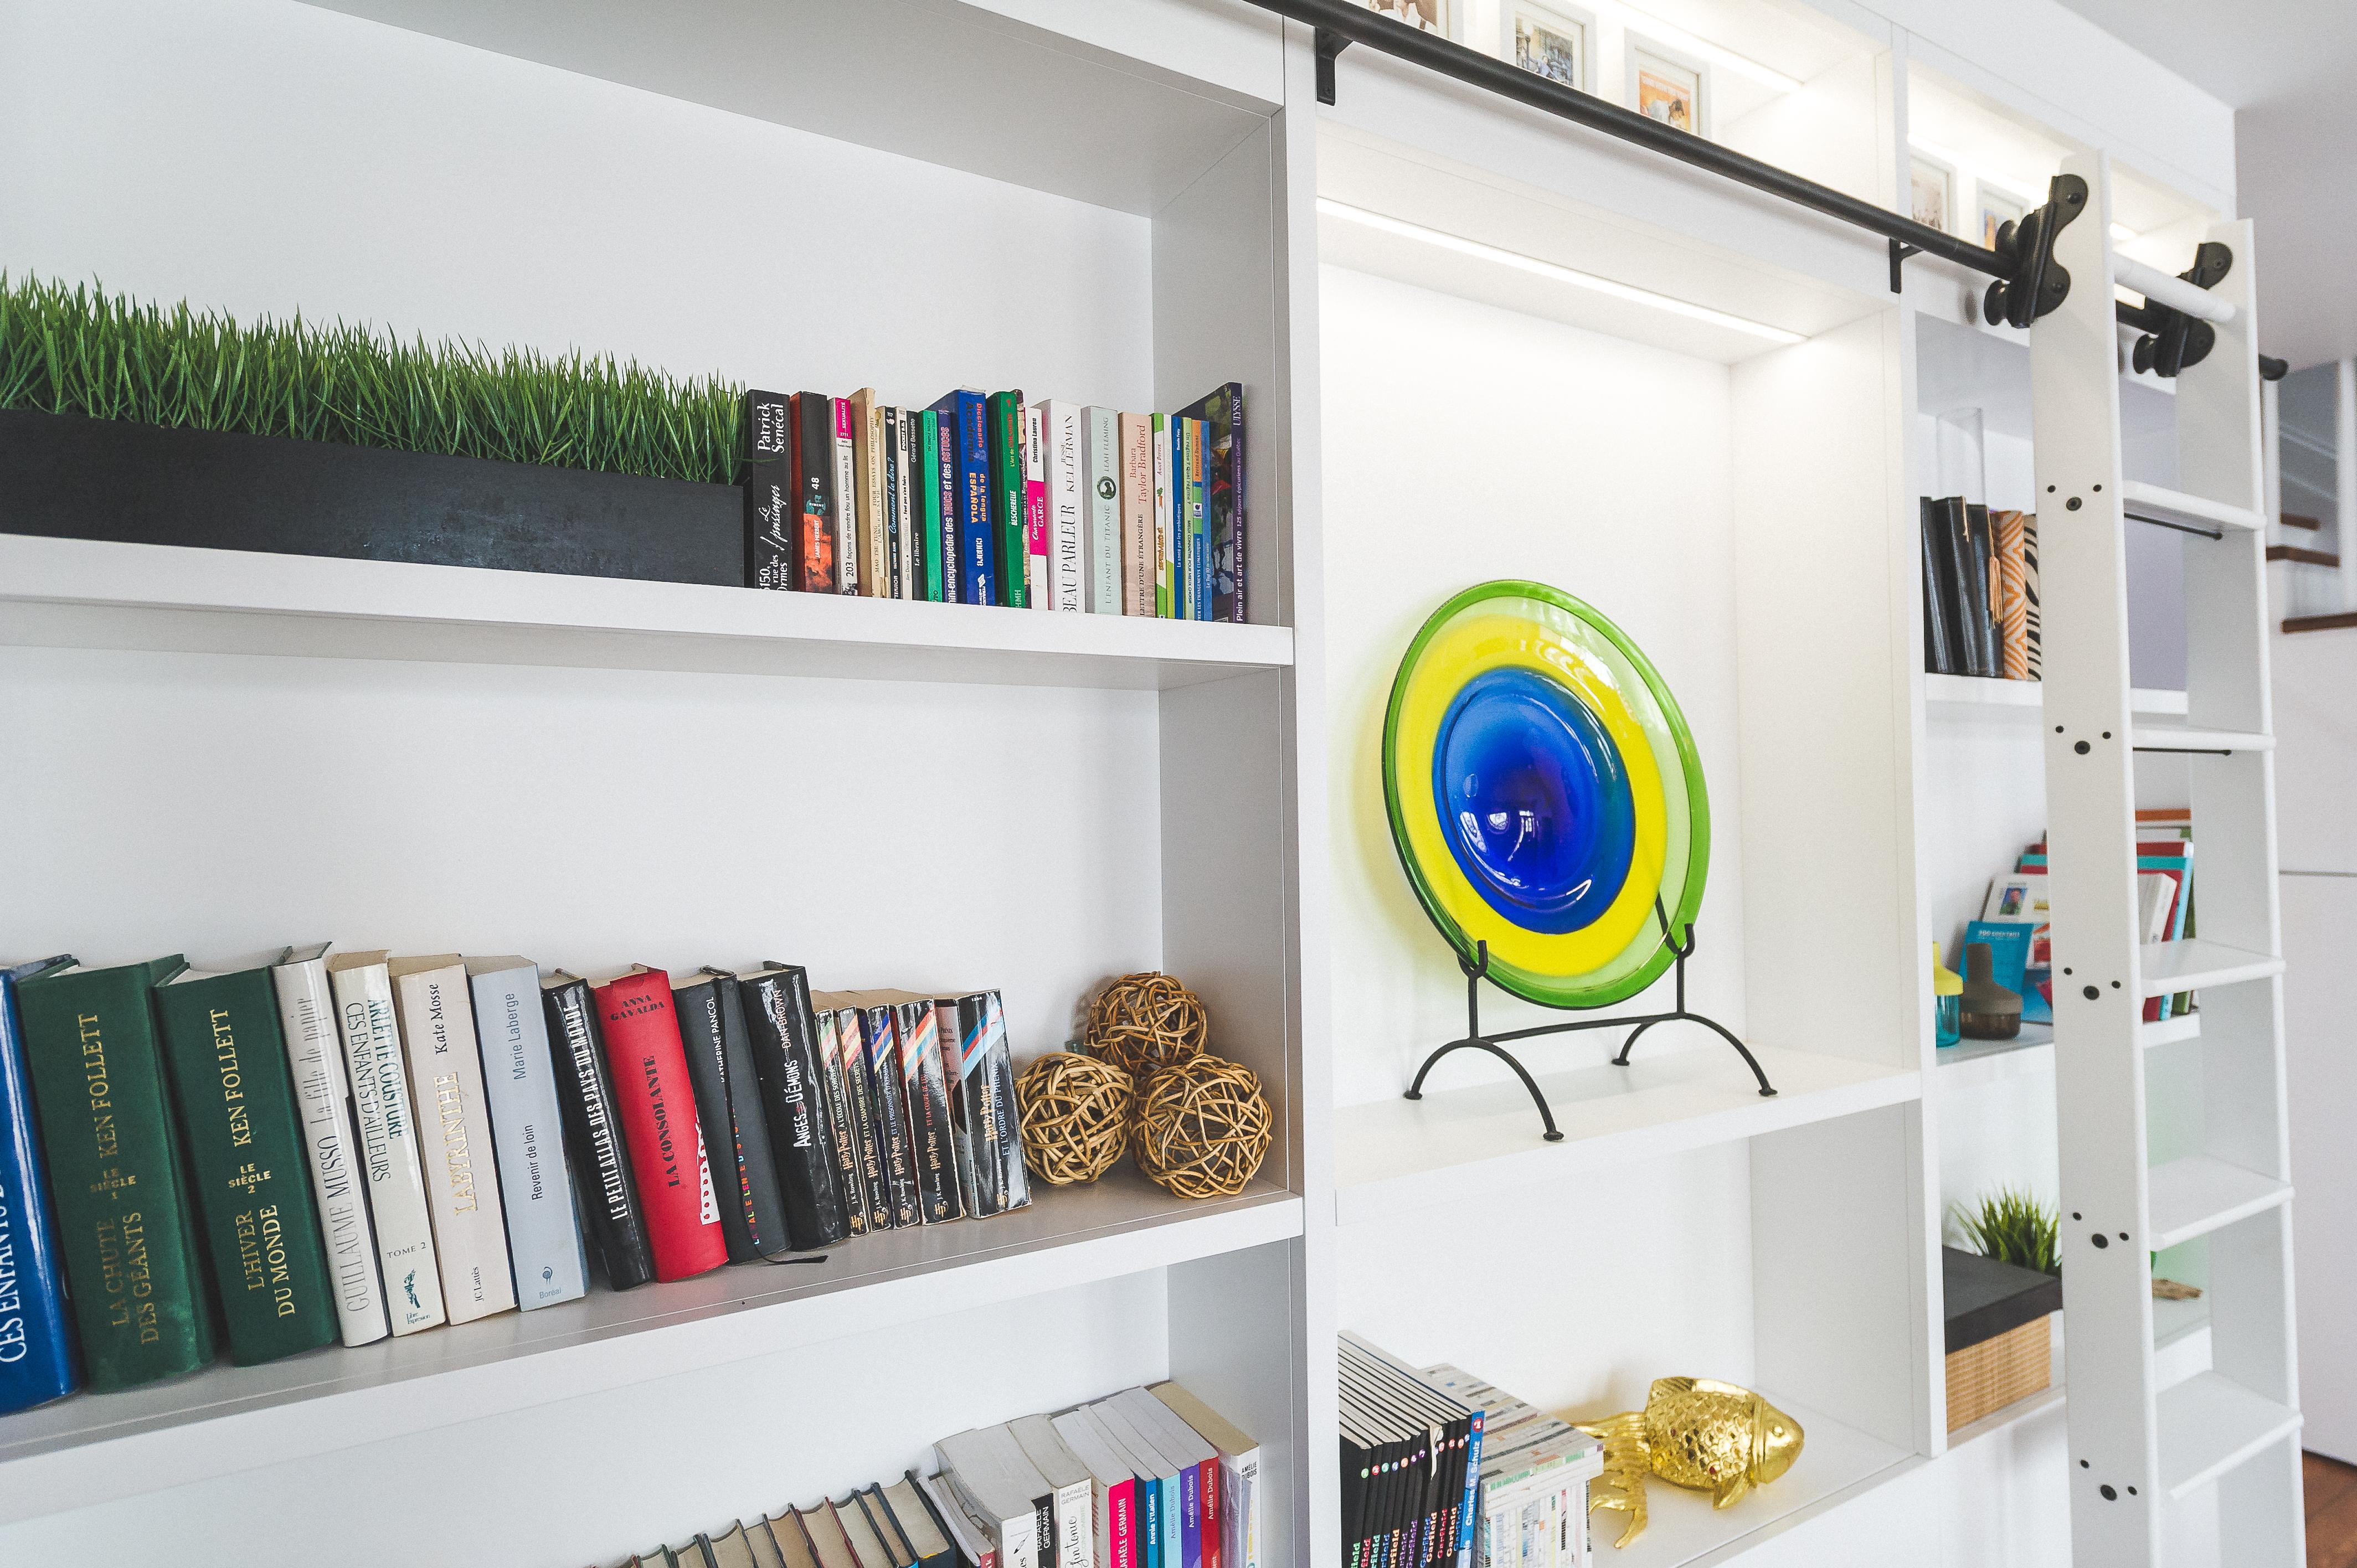 https://cuisiconcept.ca/wp-content/uploads/2018/01/mobilier-sur-mesure-_bibliotheque-Cuisiconcept-2.jpg